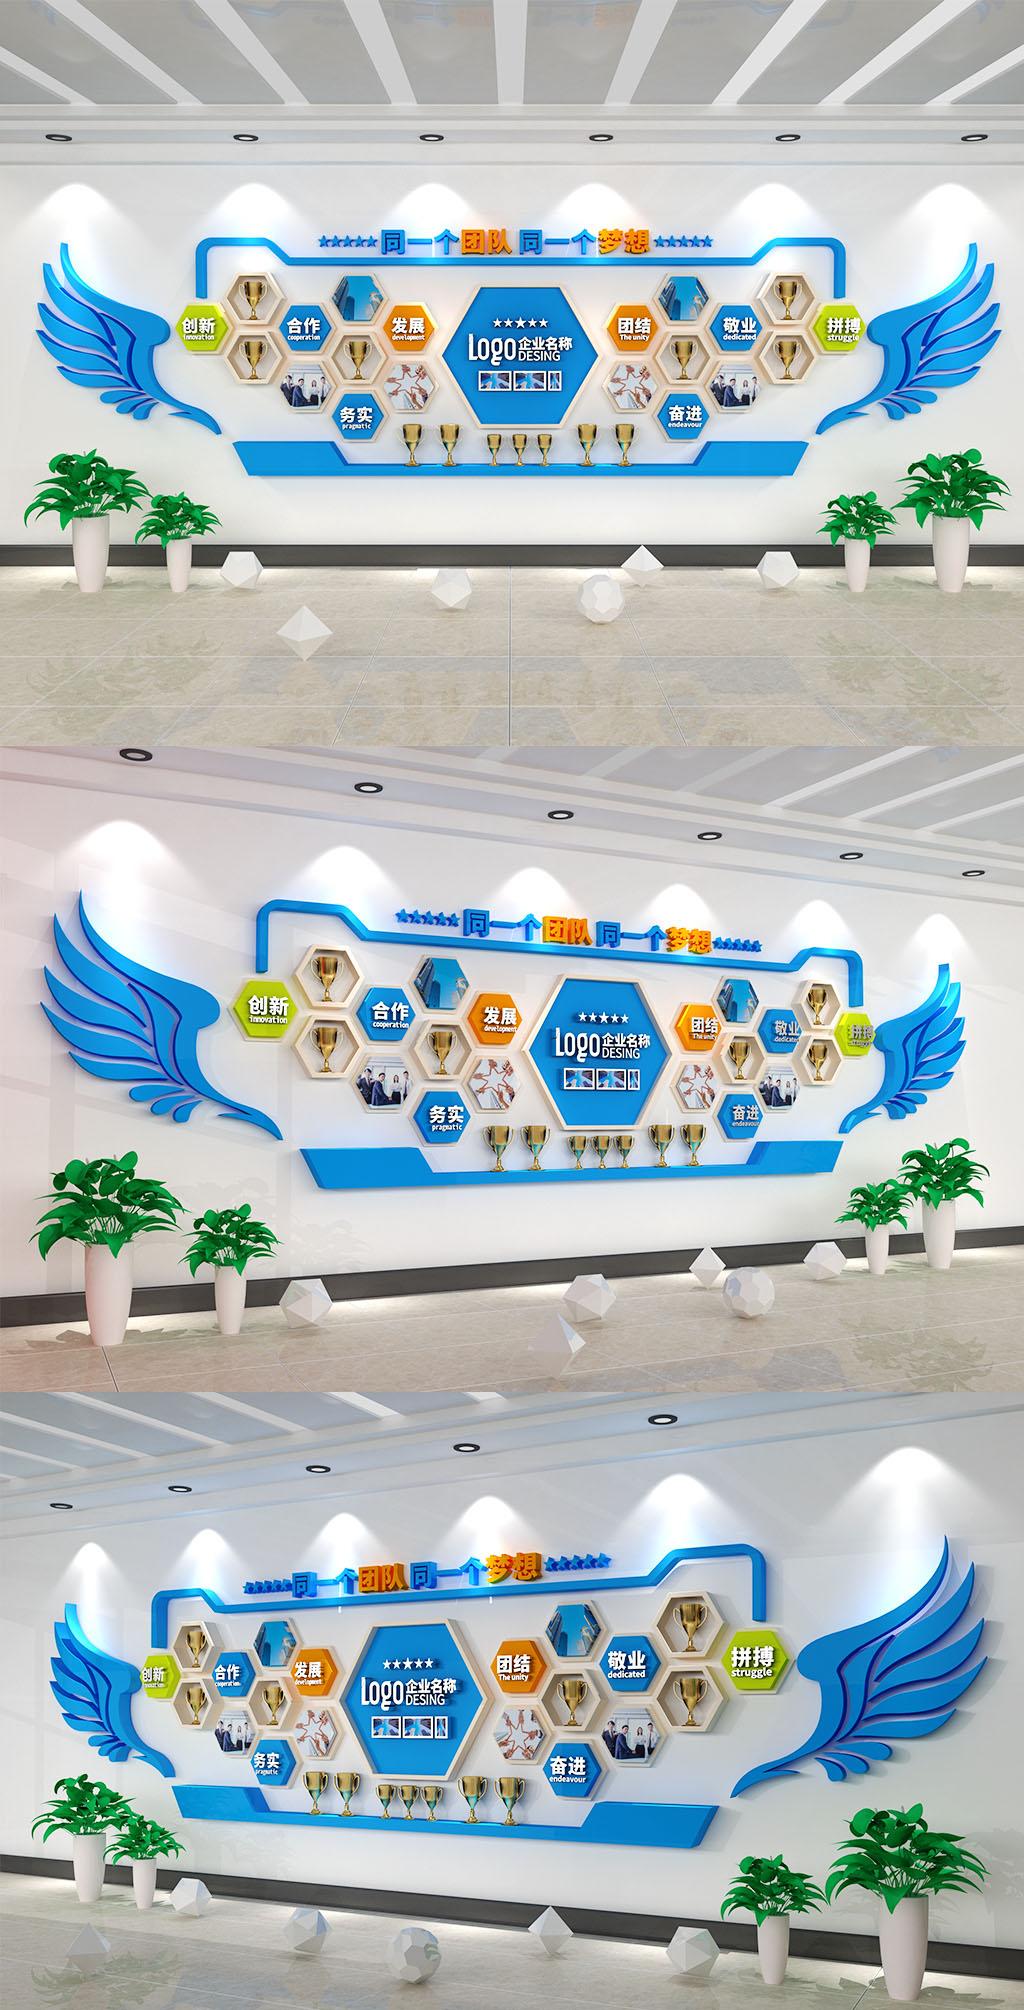 大气企业照片文化墙企业荣誉文化墙插图